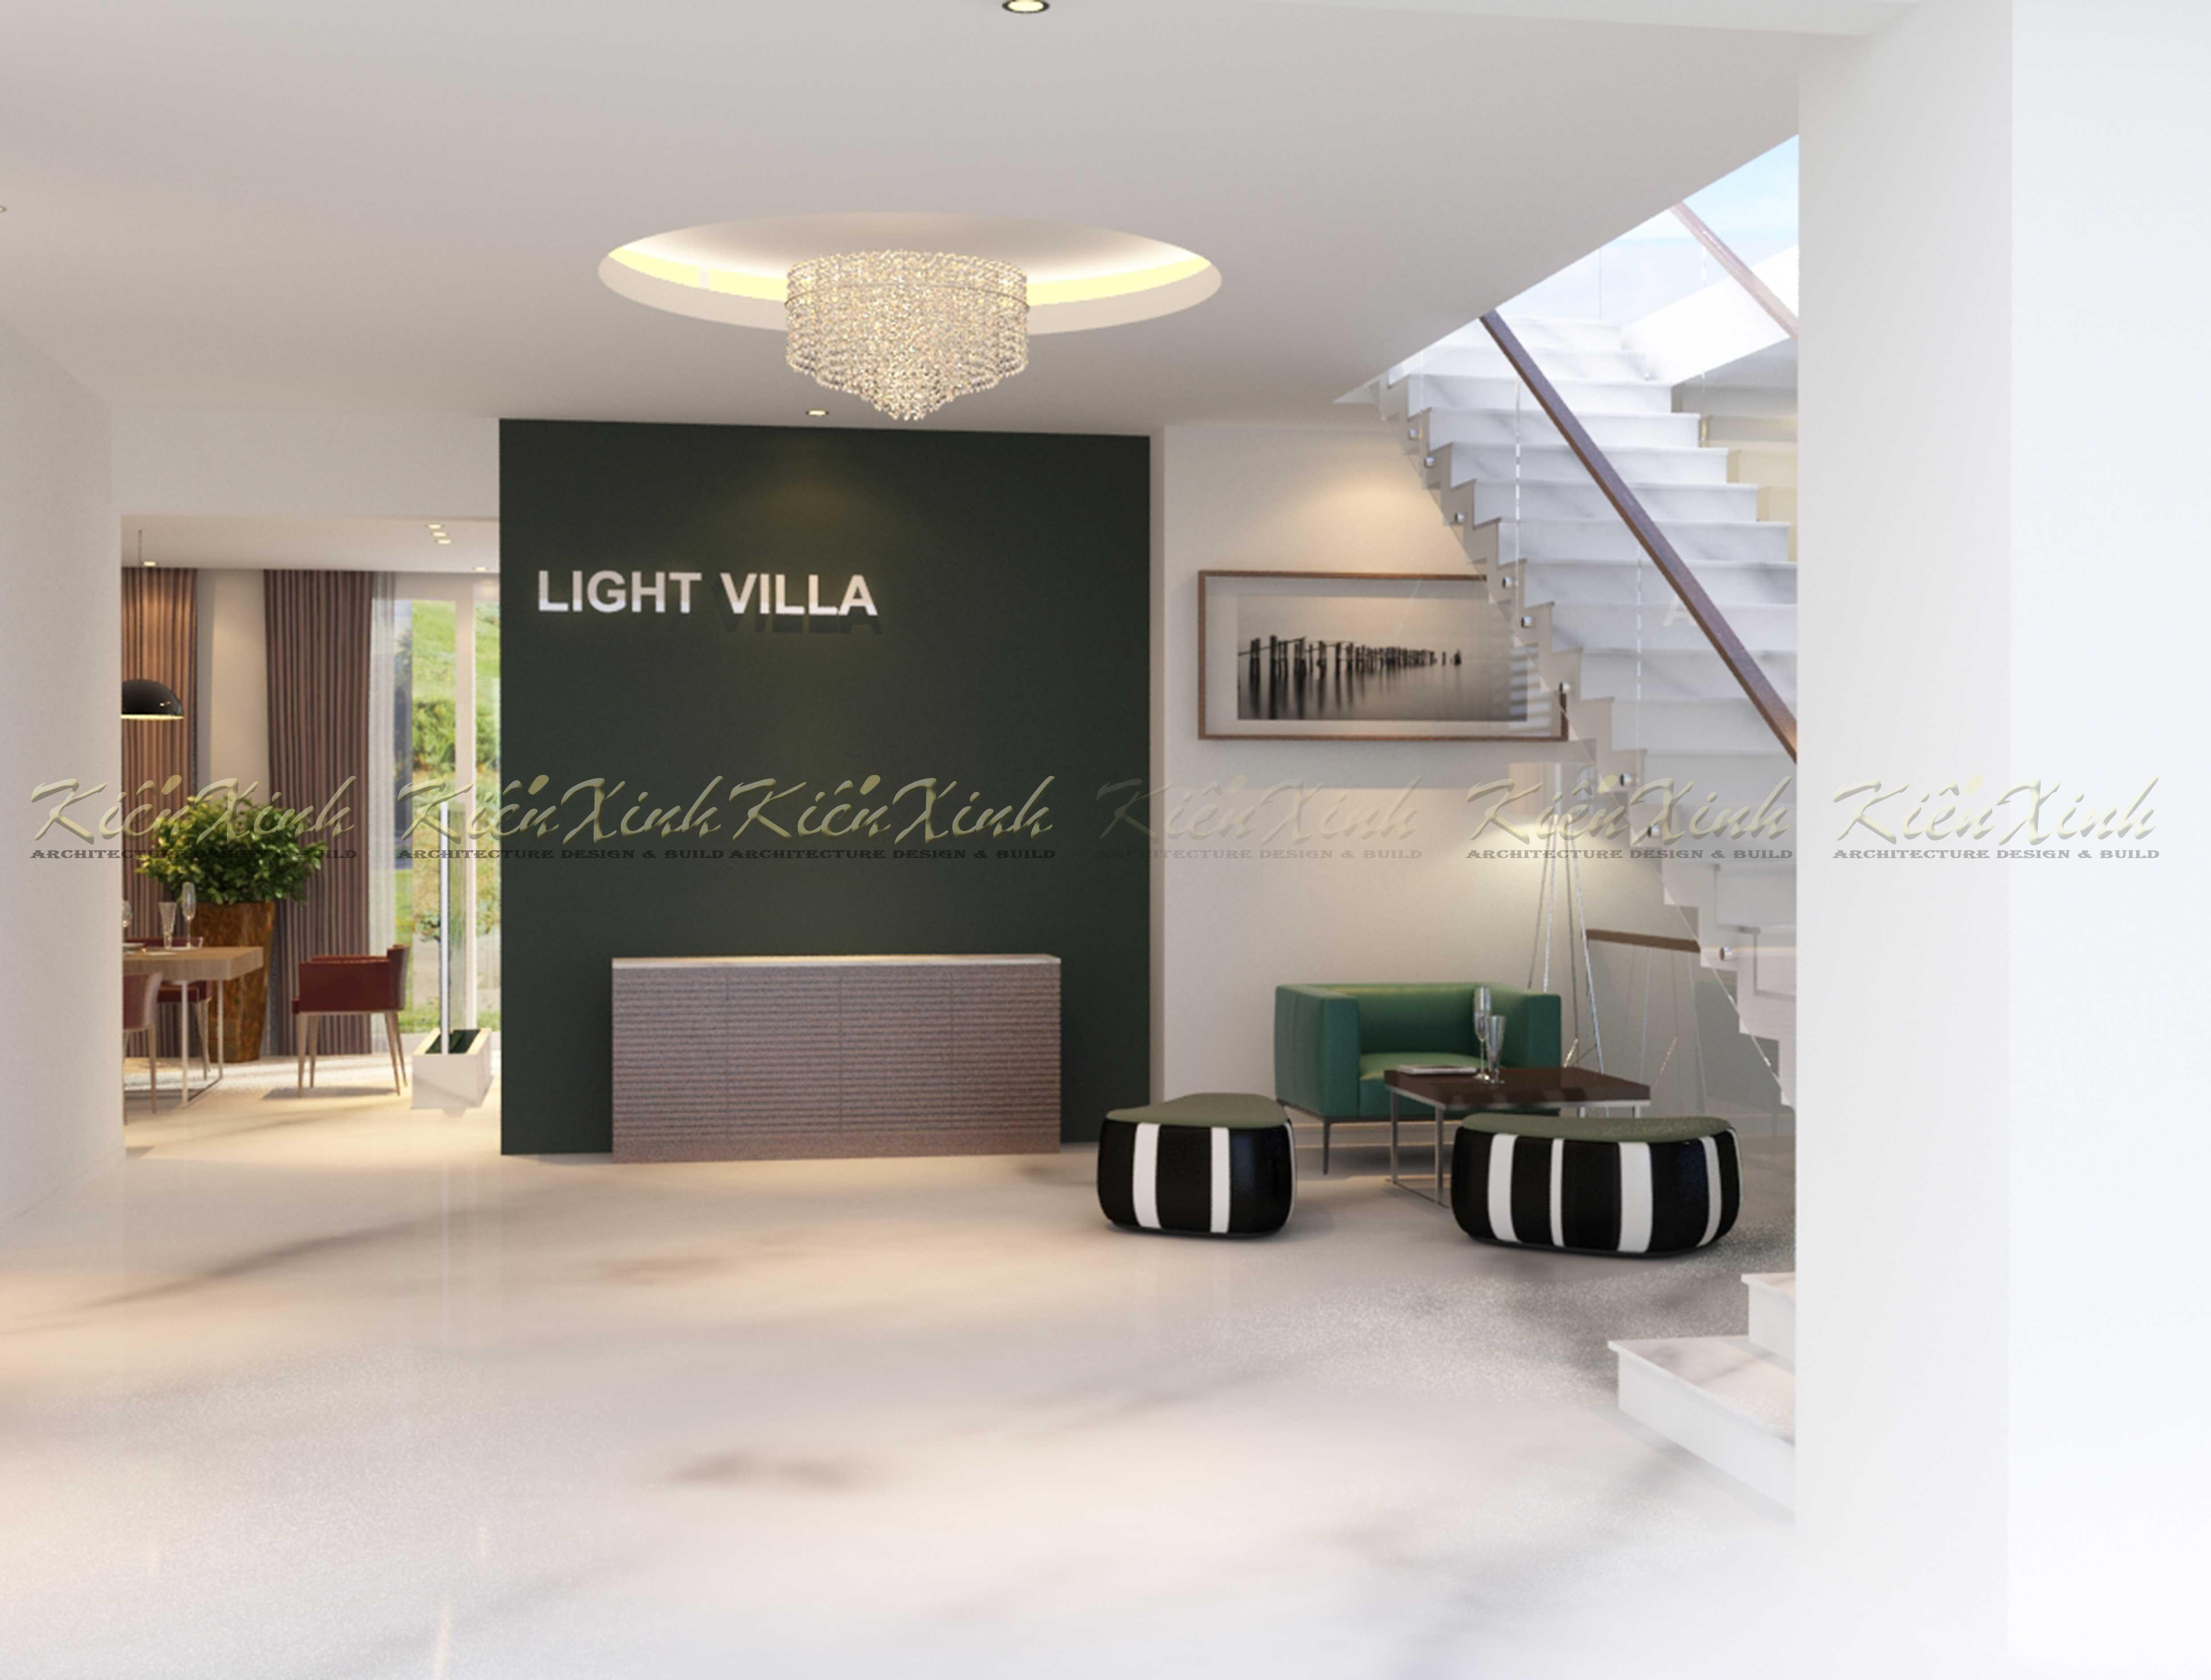 Llight vila (2)